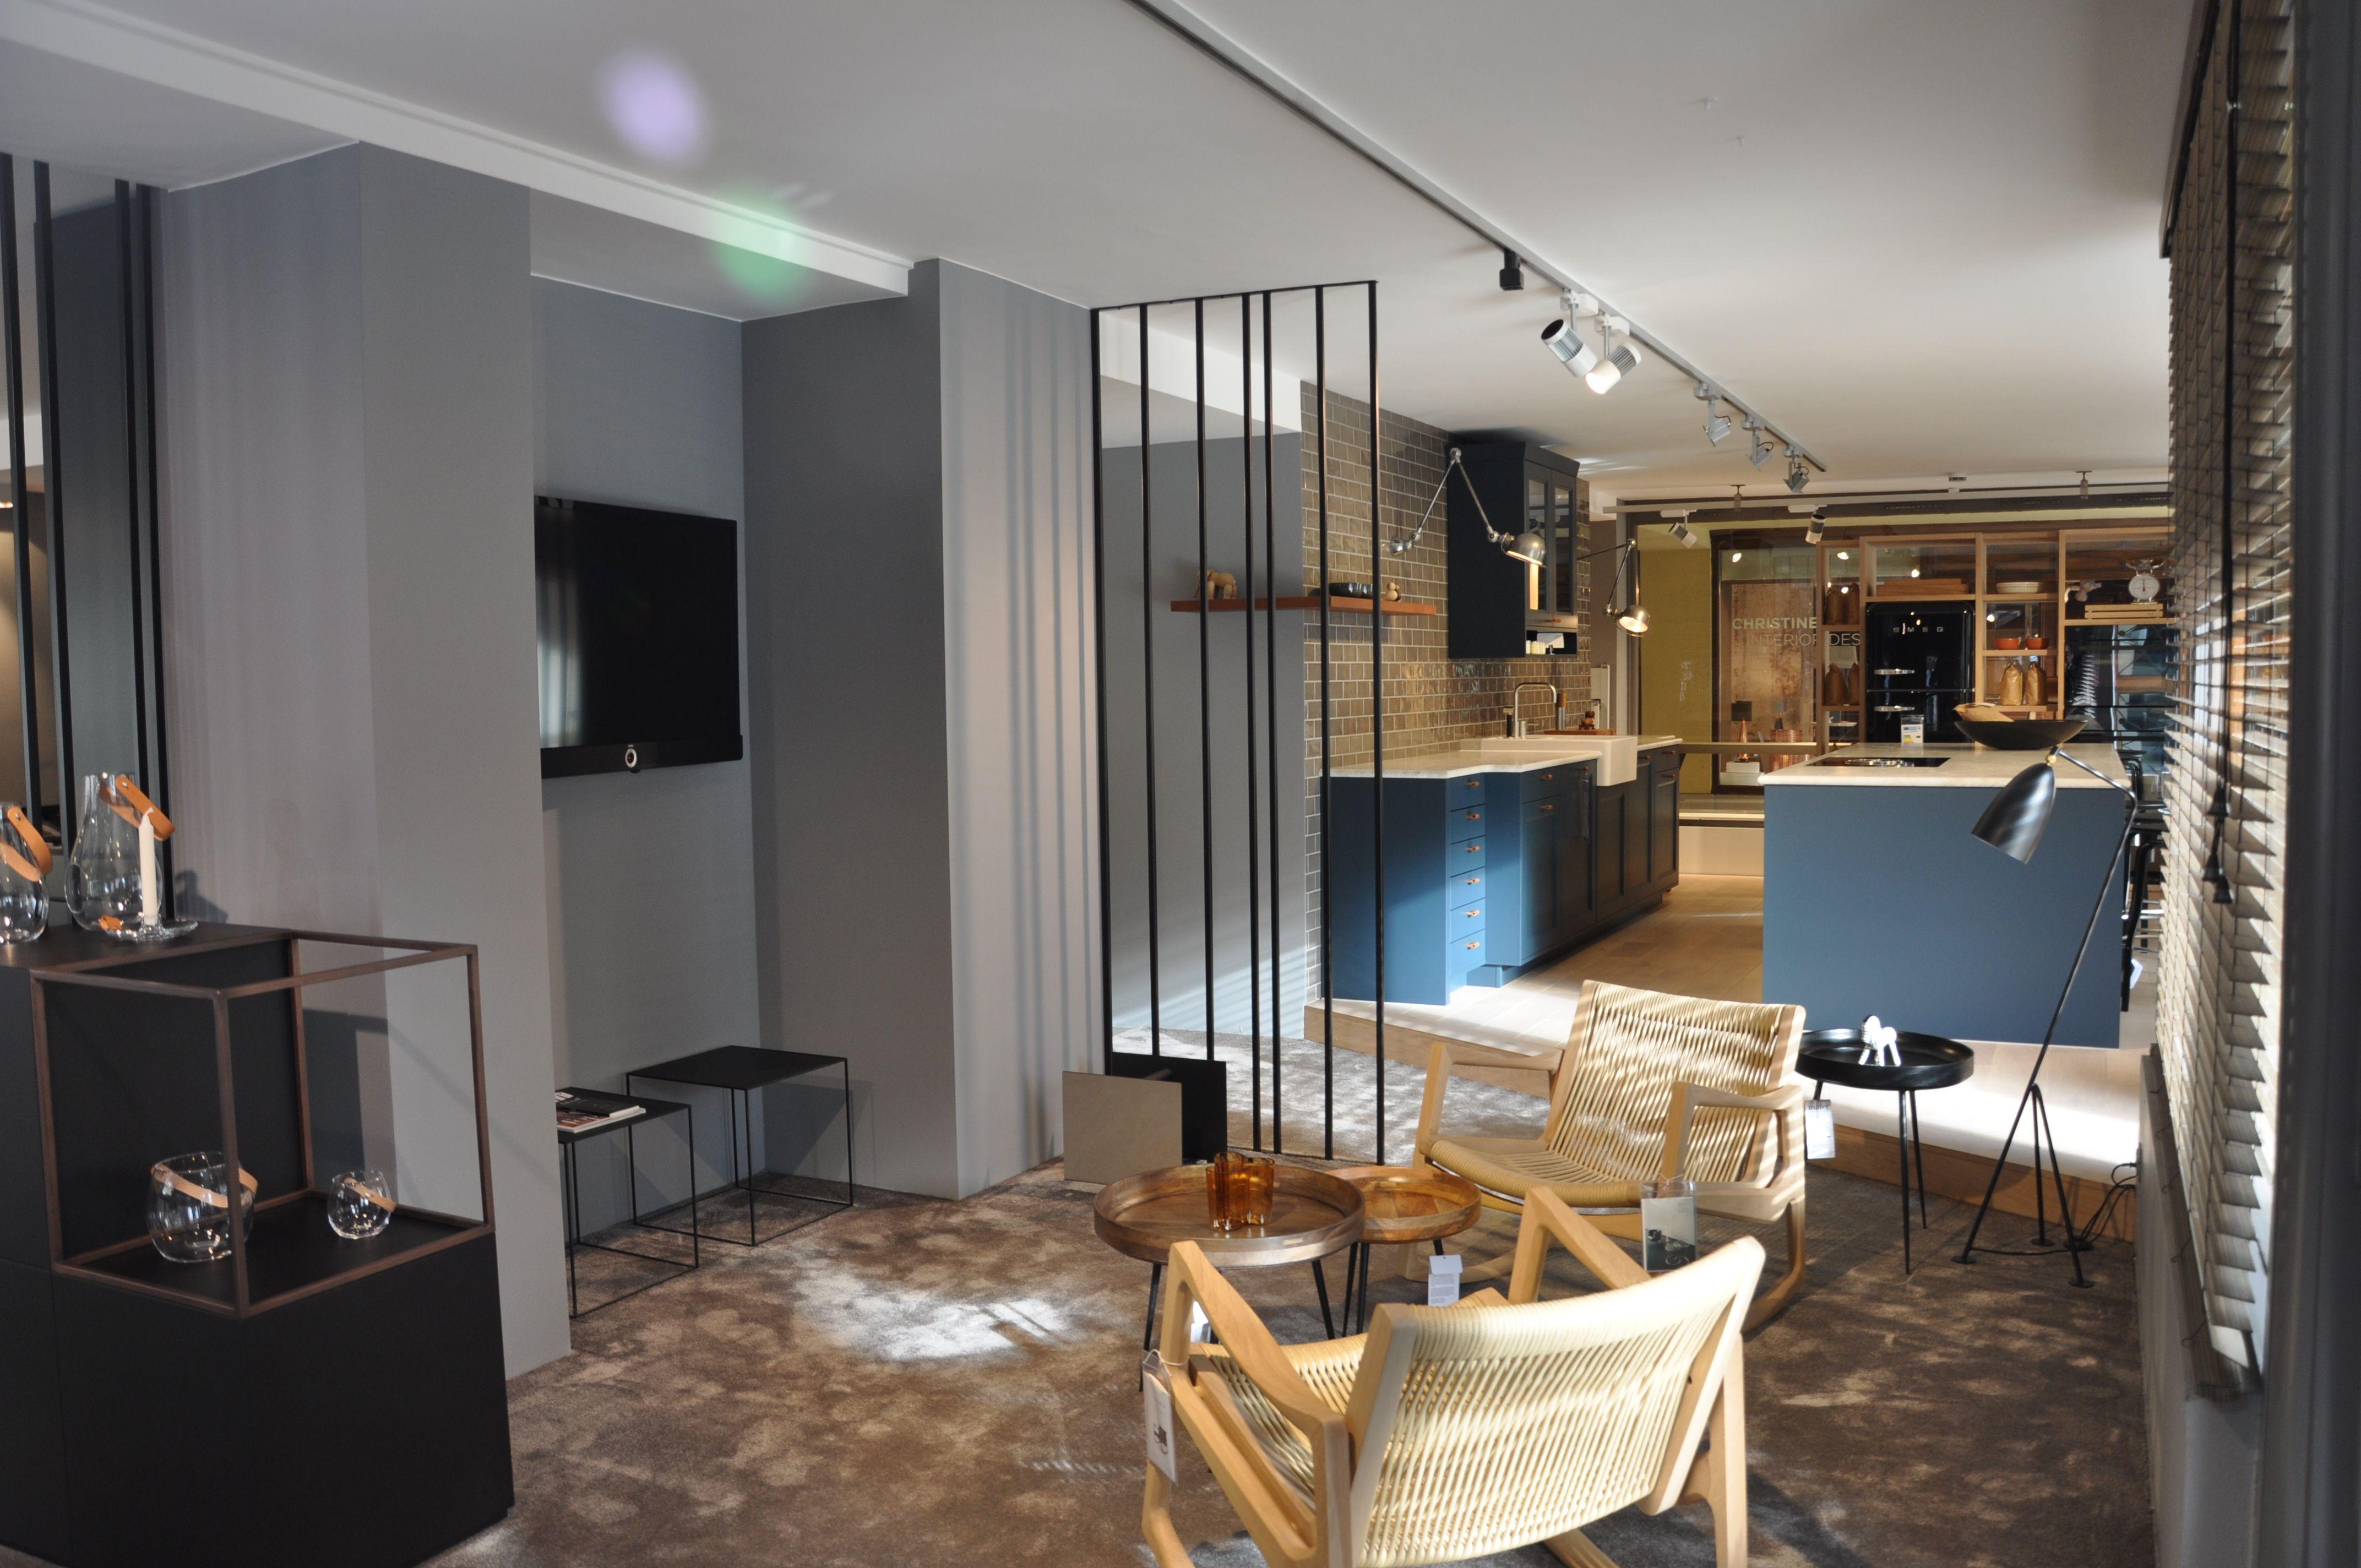 Küchen Dross showroom ludwig 6 dross ludwig 6 münchen kitchen